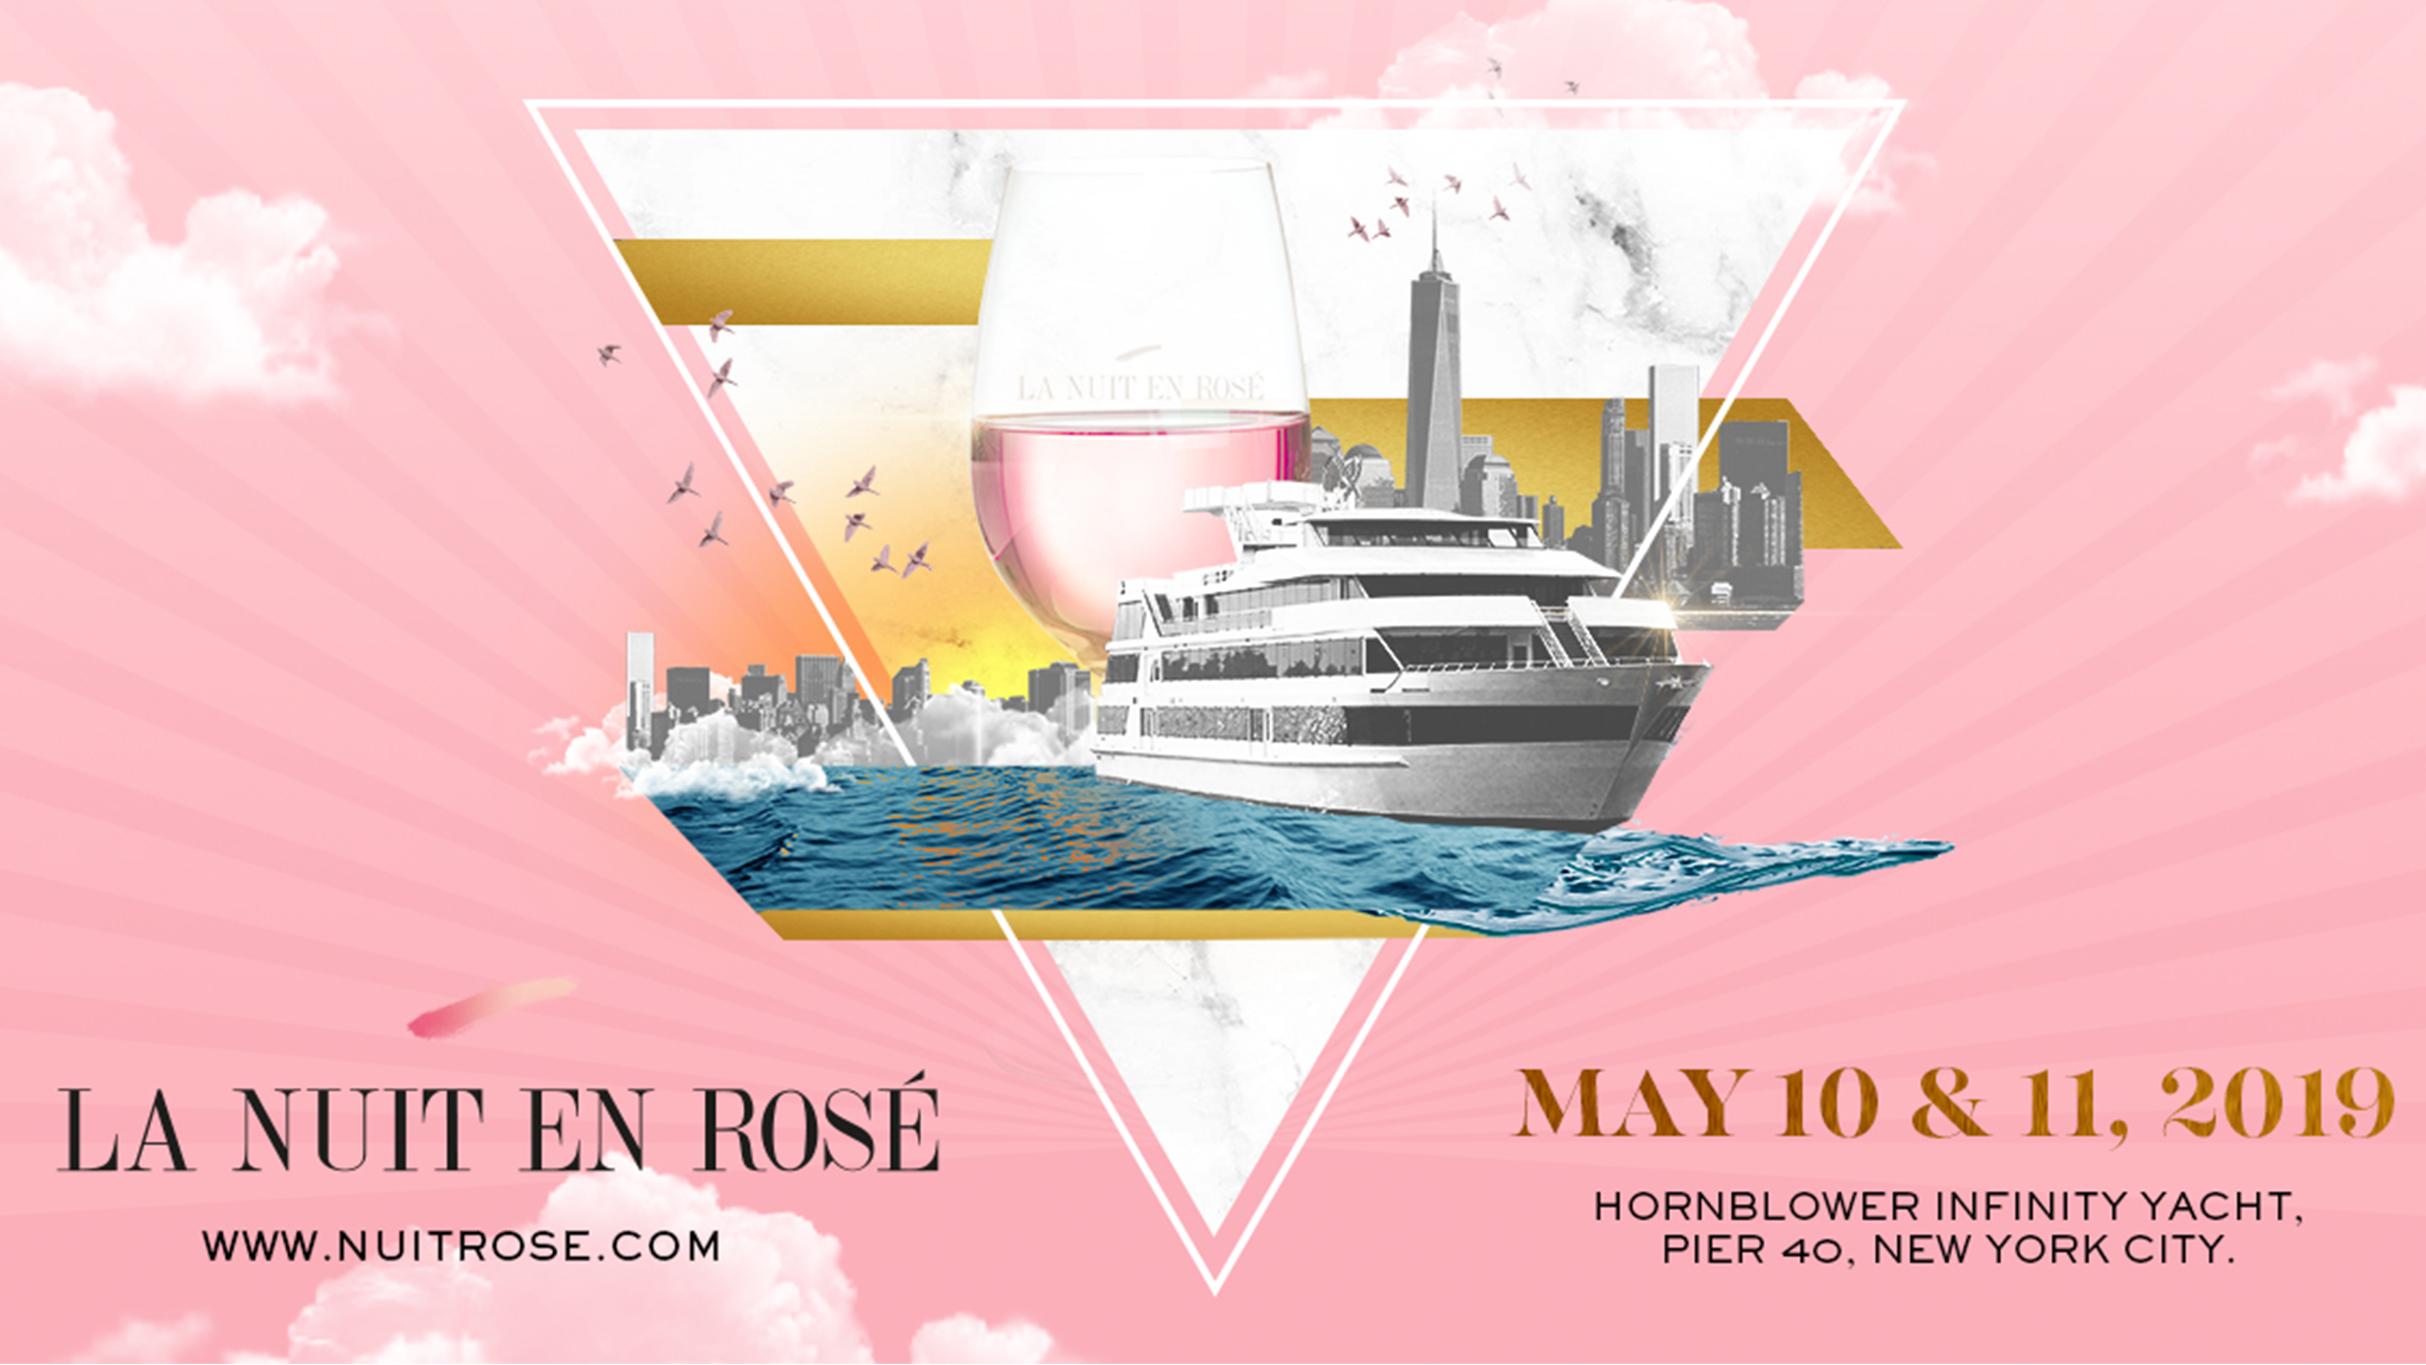 La Nuit en Rosè (New York, 10-11 Maggio 2019)